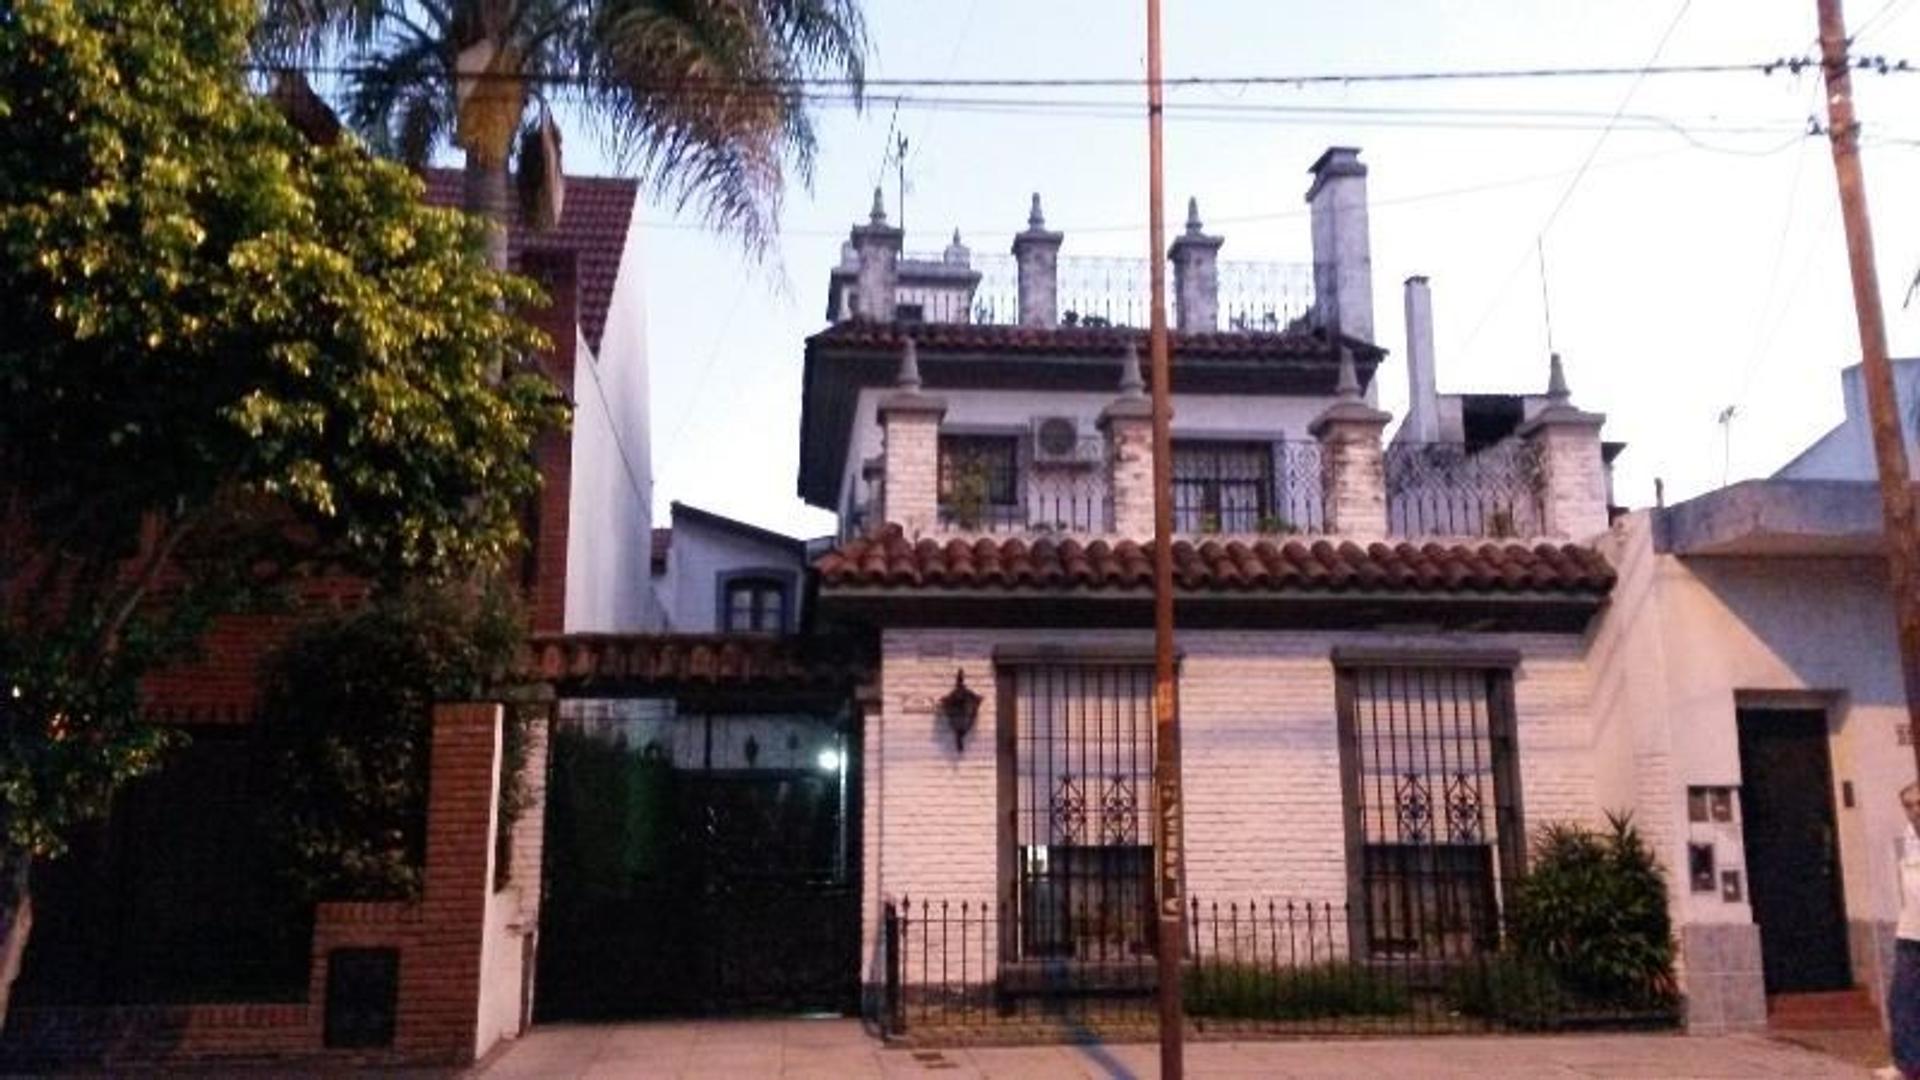 CASONA EXCLUSIVA 5 AMBIENTES ESTILO MORISCA ESPAÑOLA